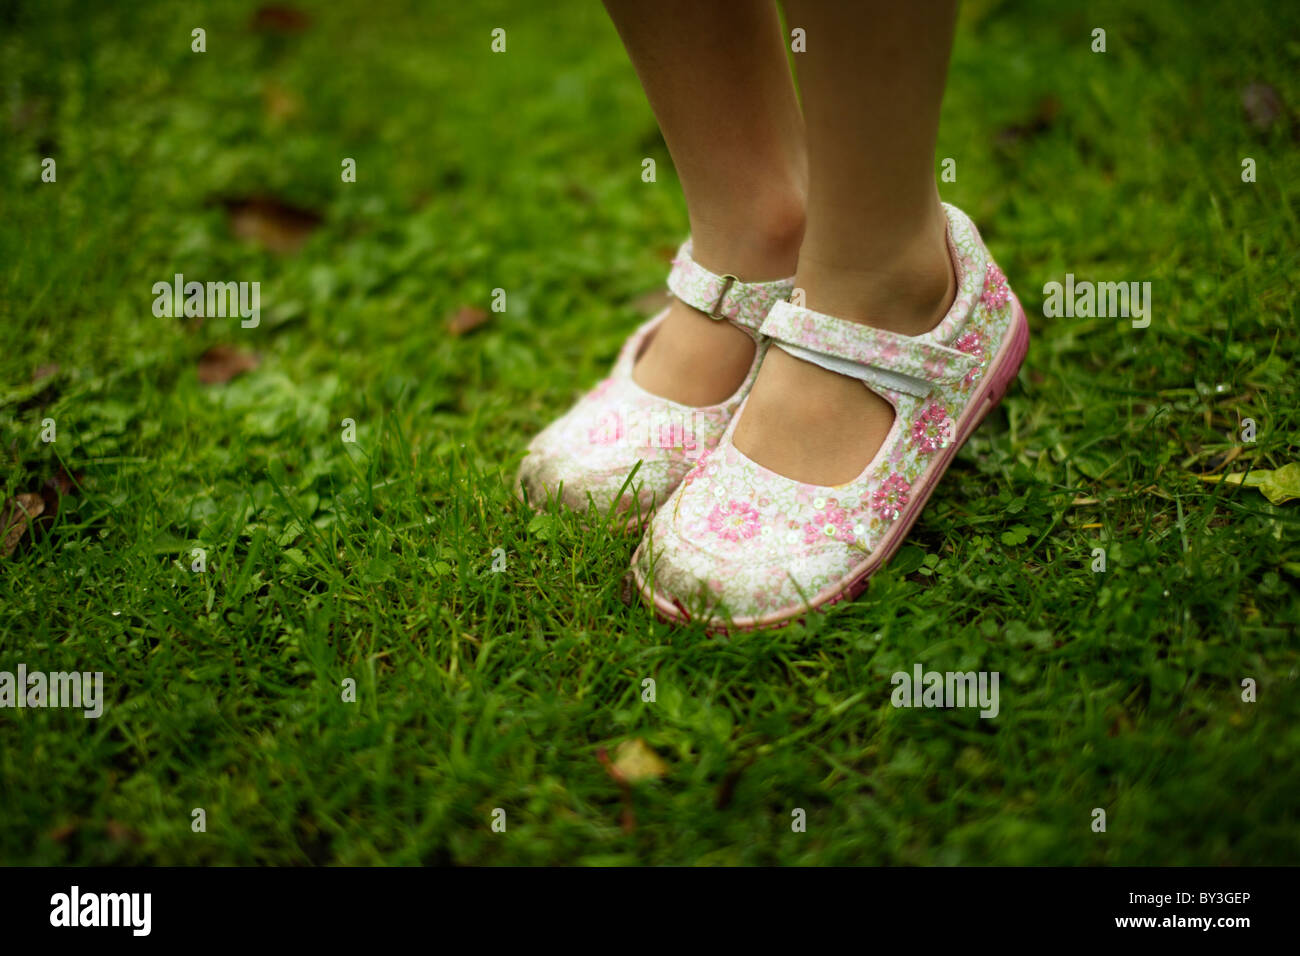 Mädchen Glitzer Schuhe auf Rasen Stockbild